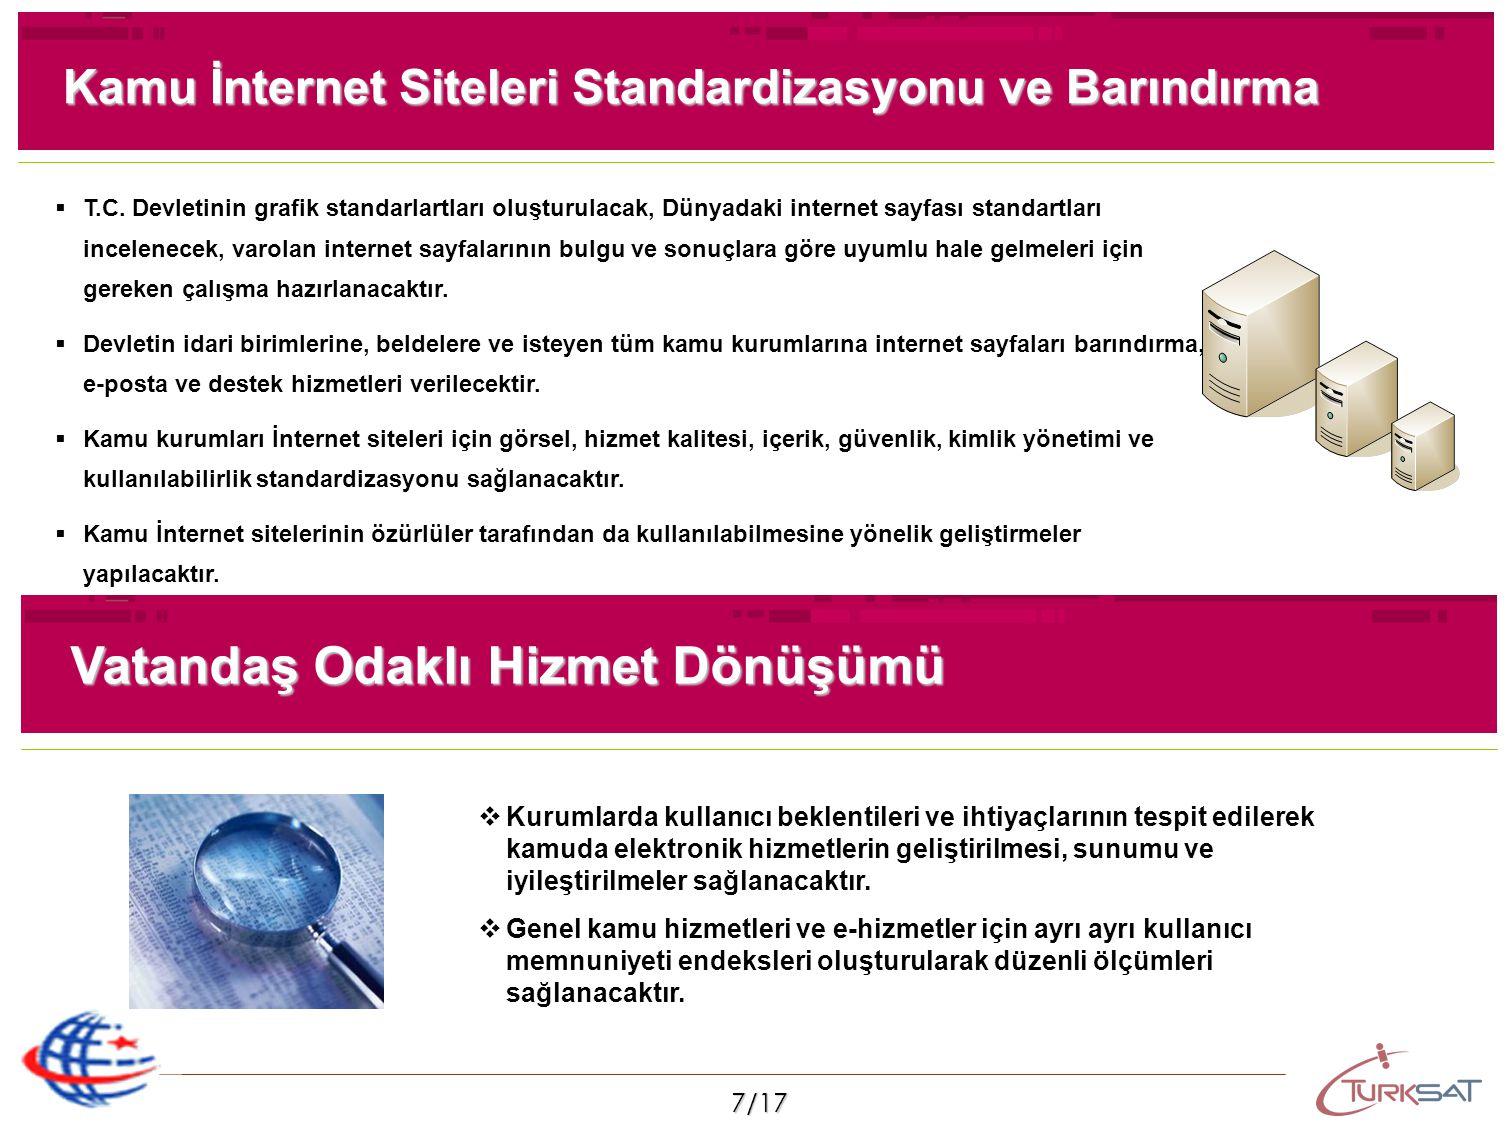 7/17 Kamu İnternet Siteleri Standardizasyonu ve Barındırma   T.C. Devletinin grafik standarlartları oluşturulacak, Dünyadaki internet sayfası standa